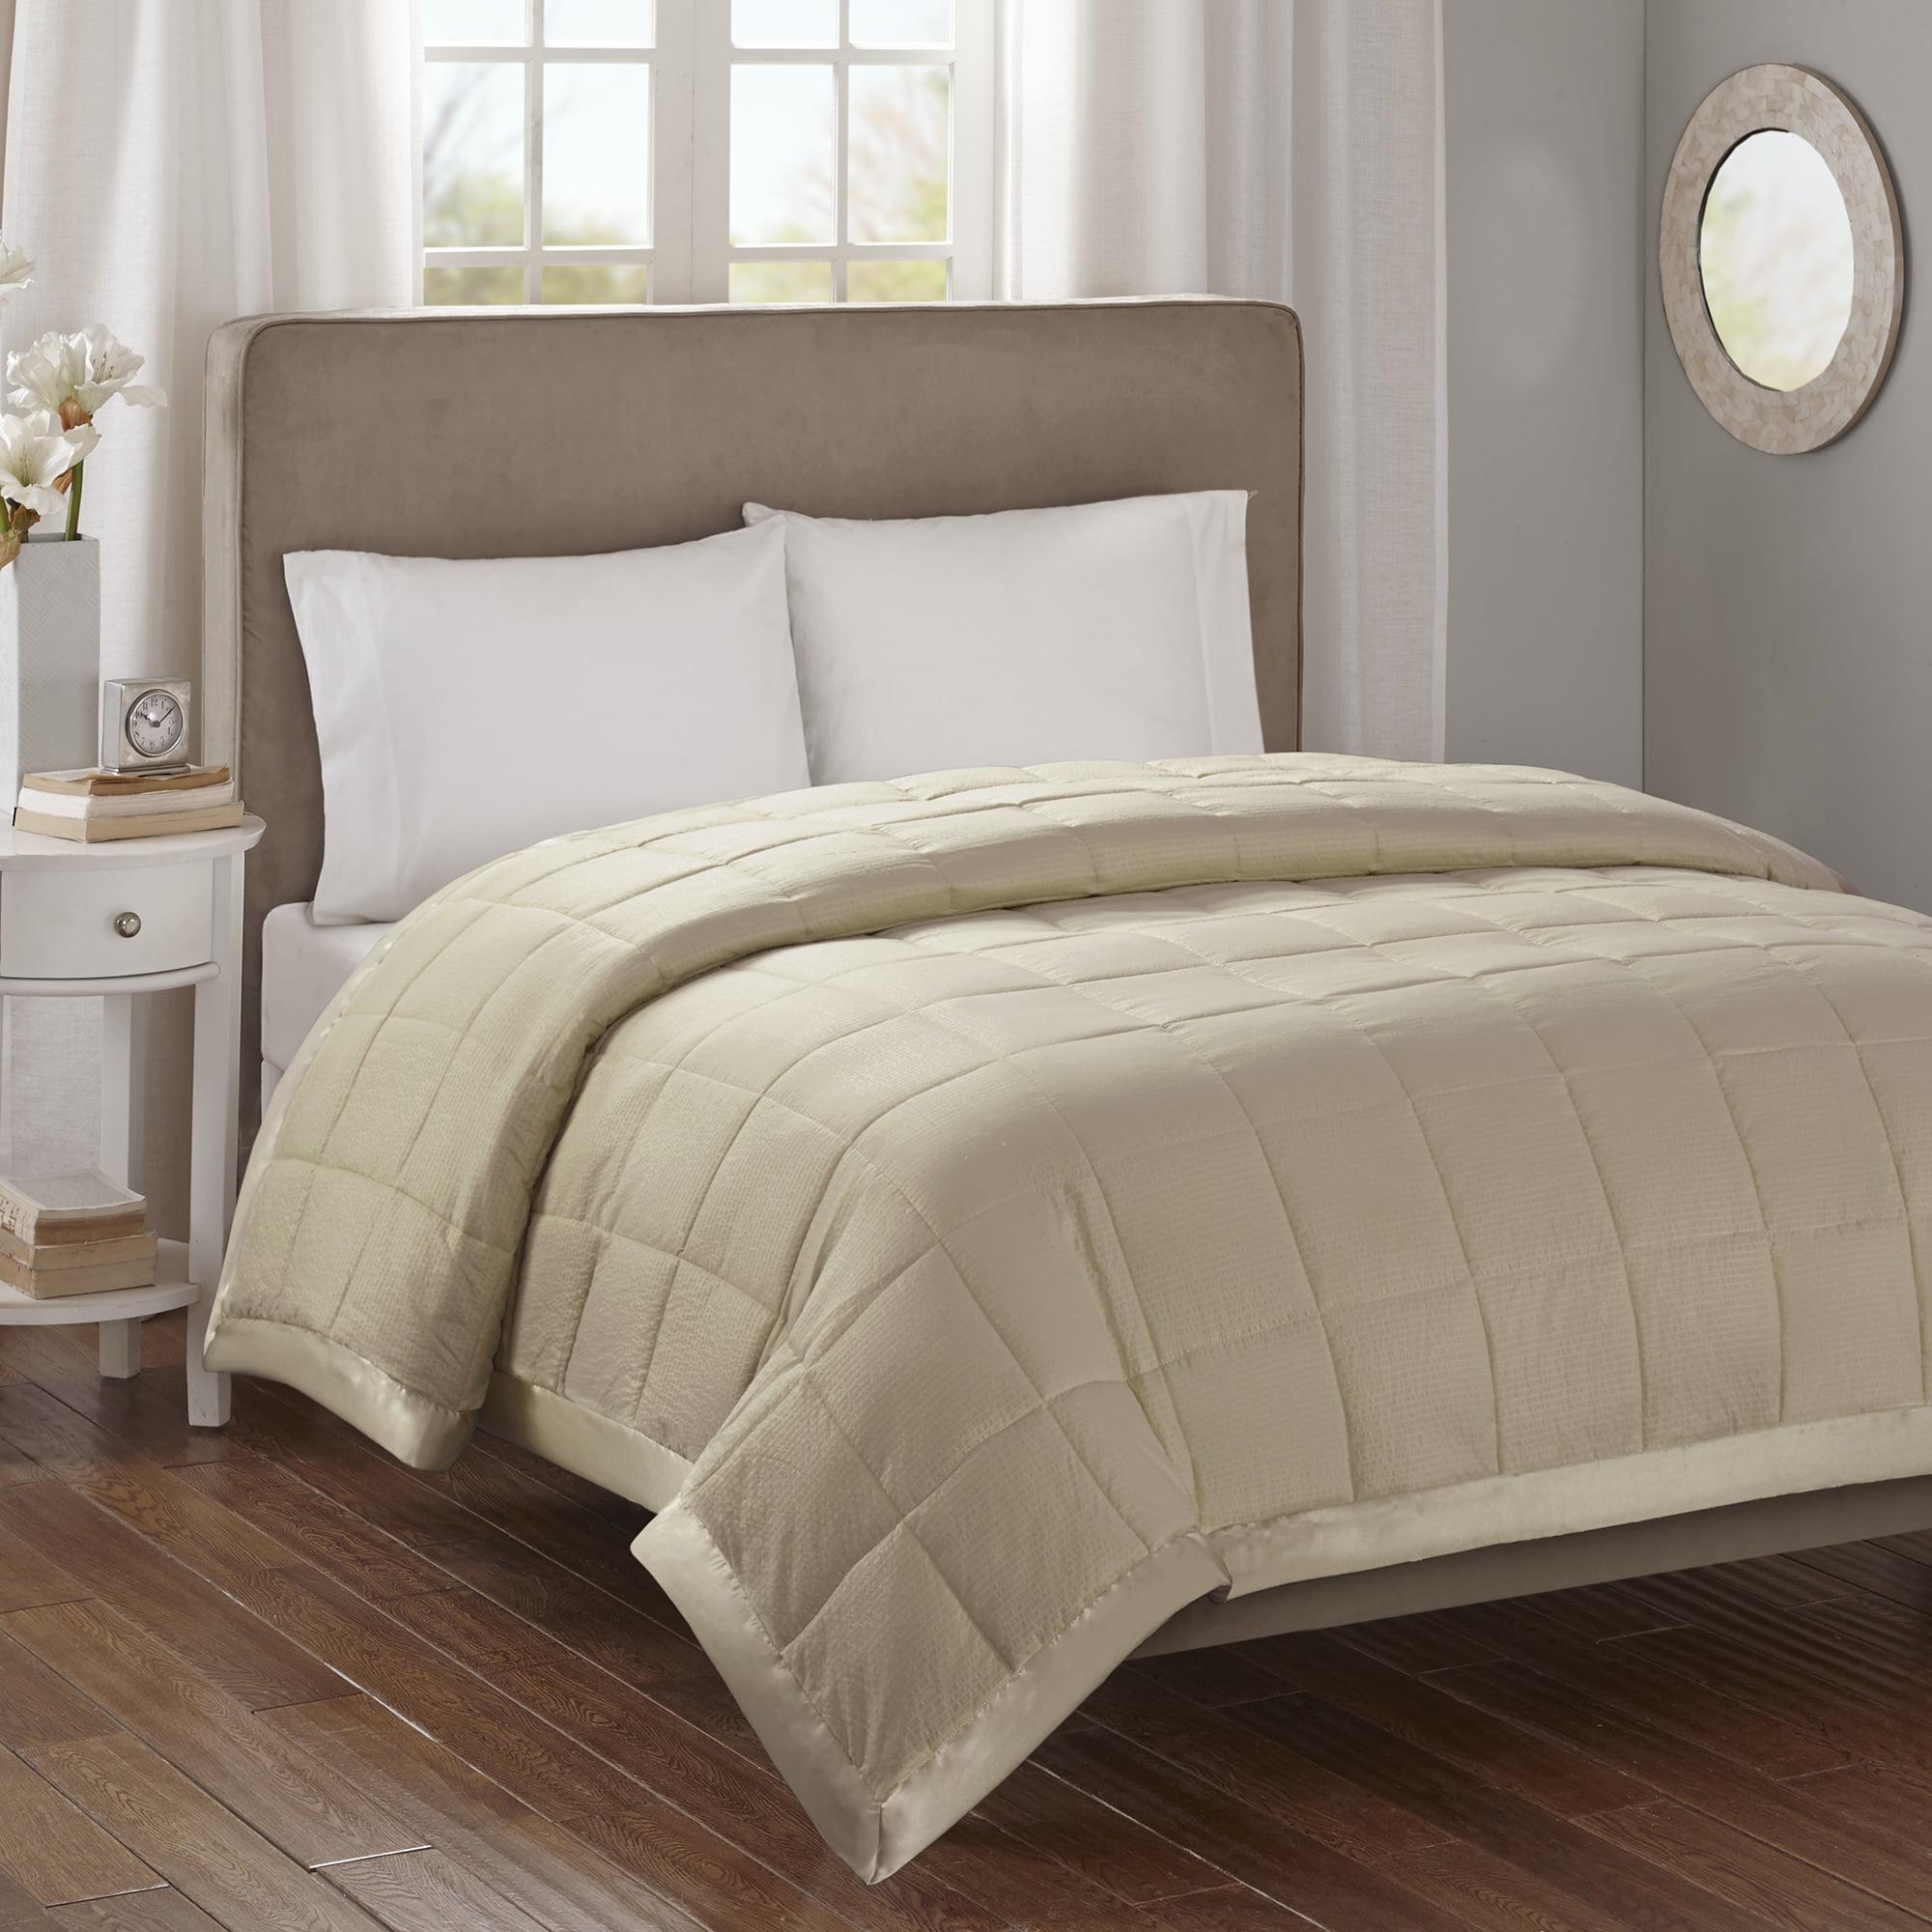 Bed Blanket Parkman Premium Oversized Hypoallergenic Down Alternative with 3M Scotchgard (King) Taupe